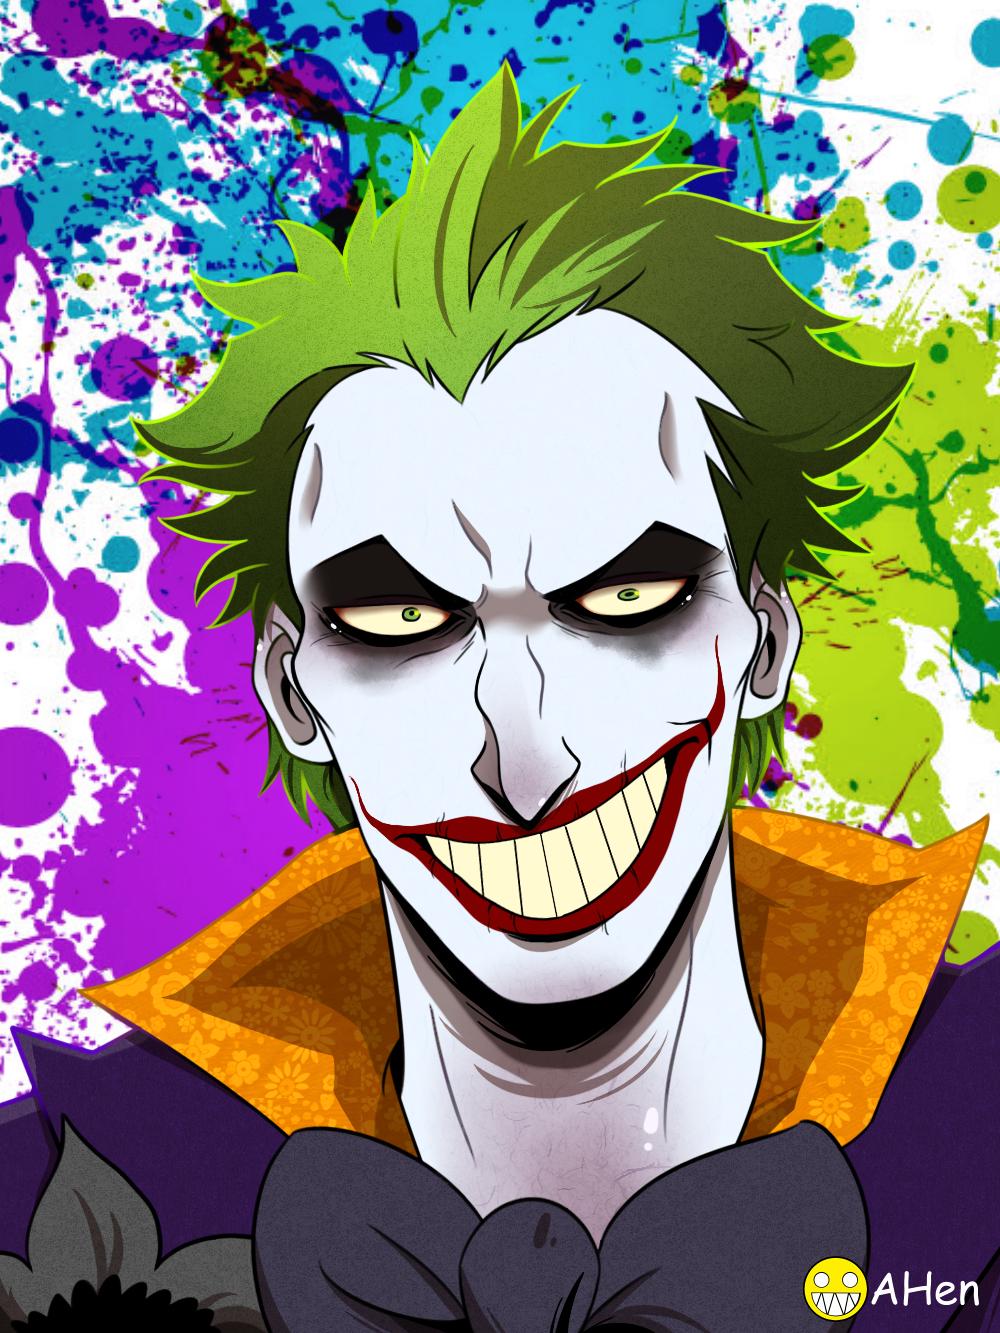 Joker02 by k125125123